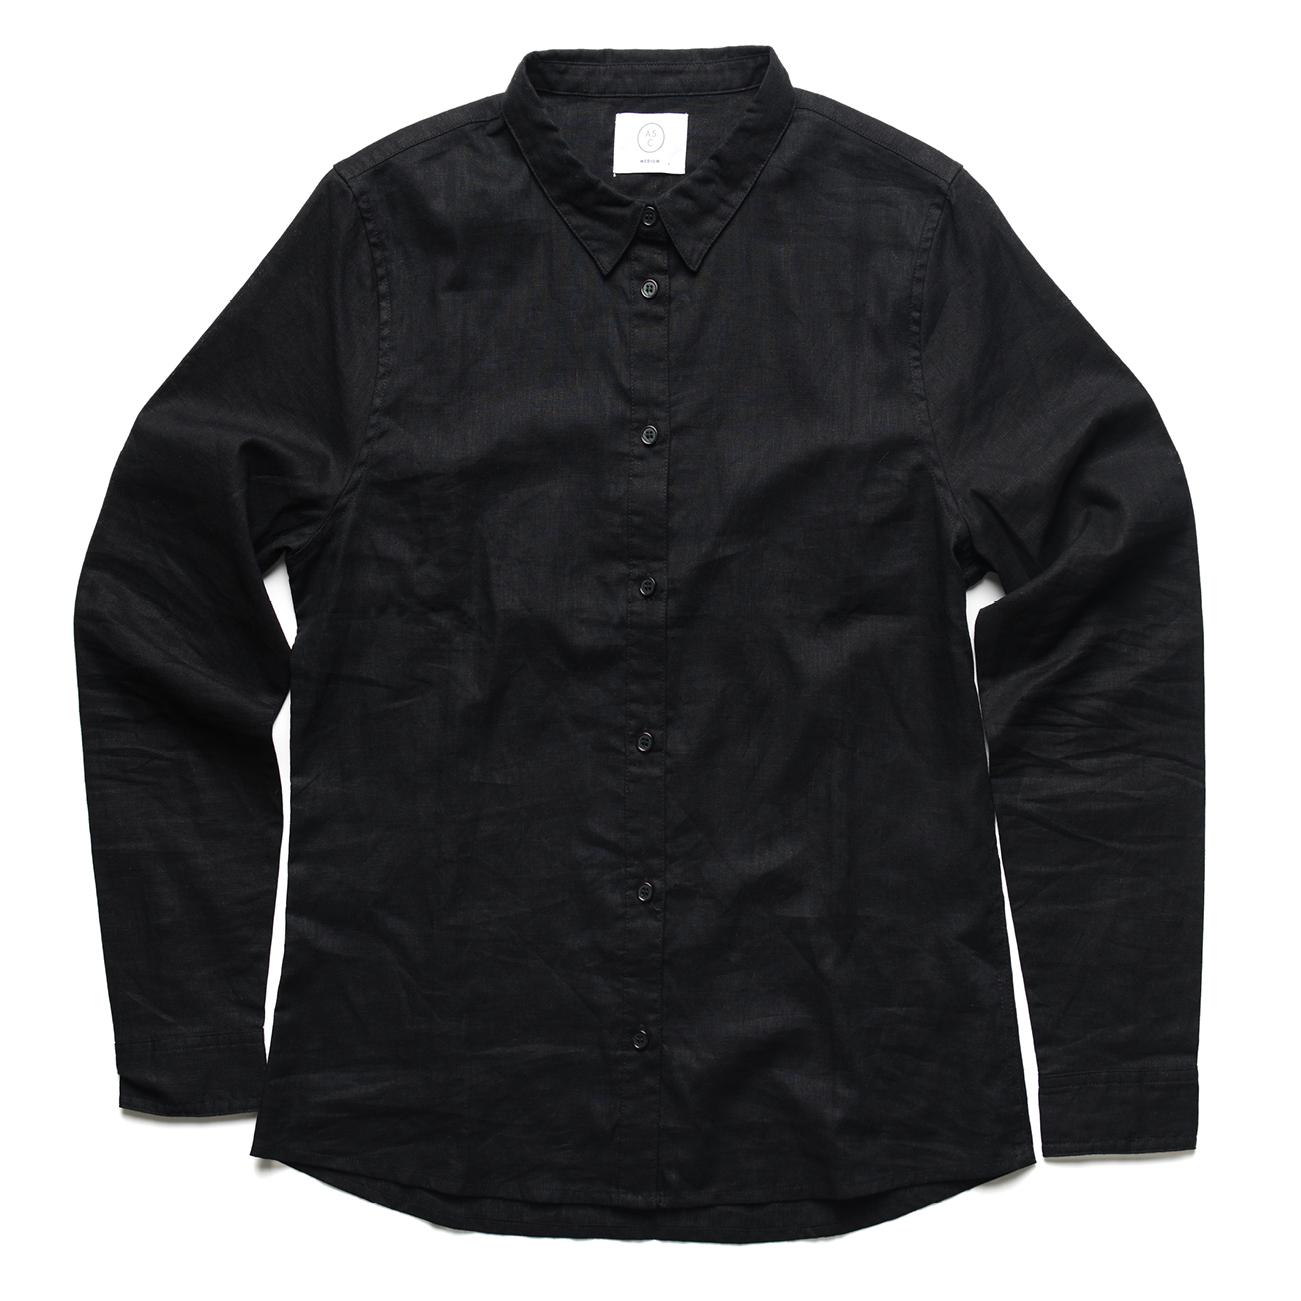 Shirts / Polos